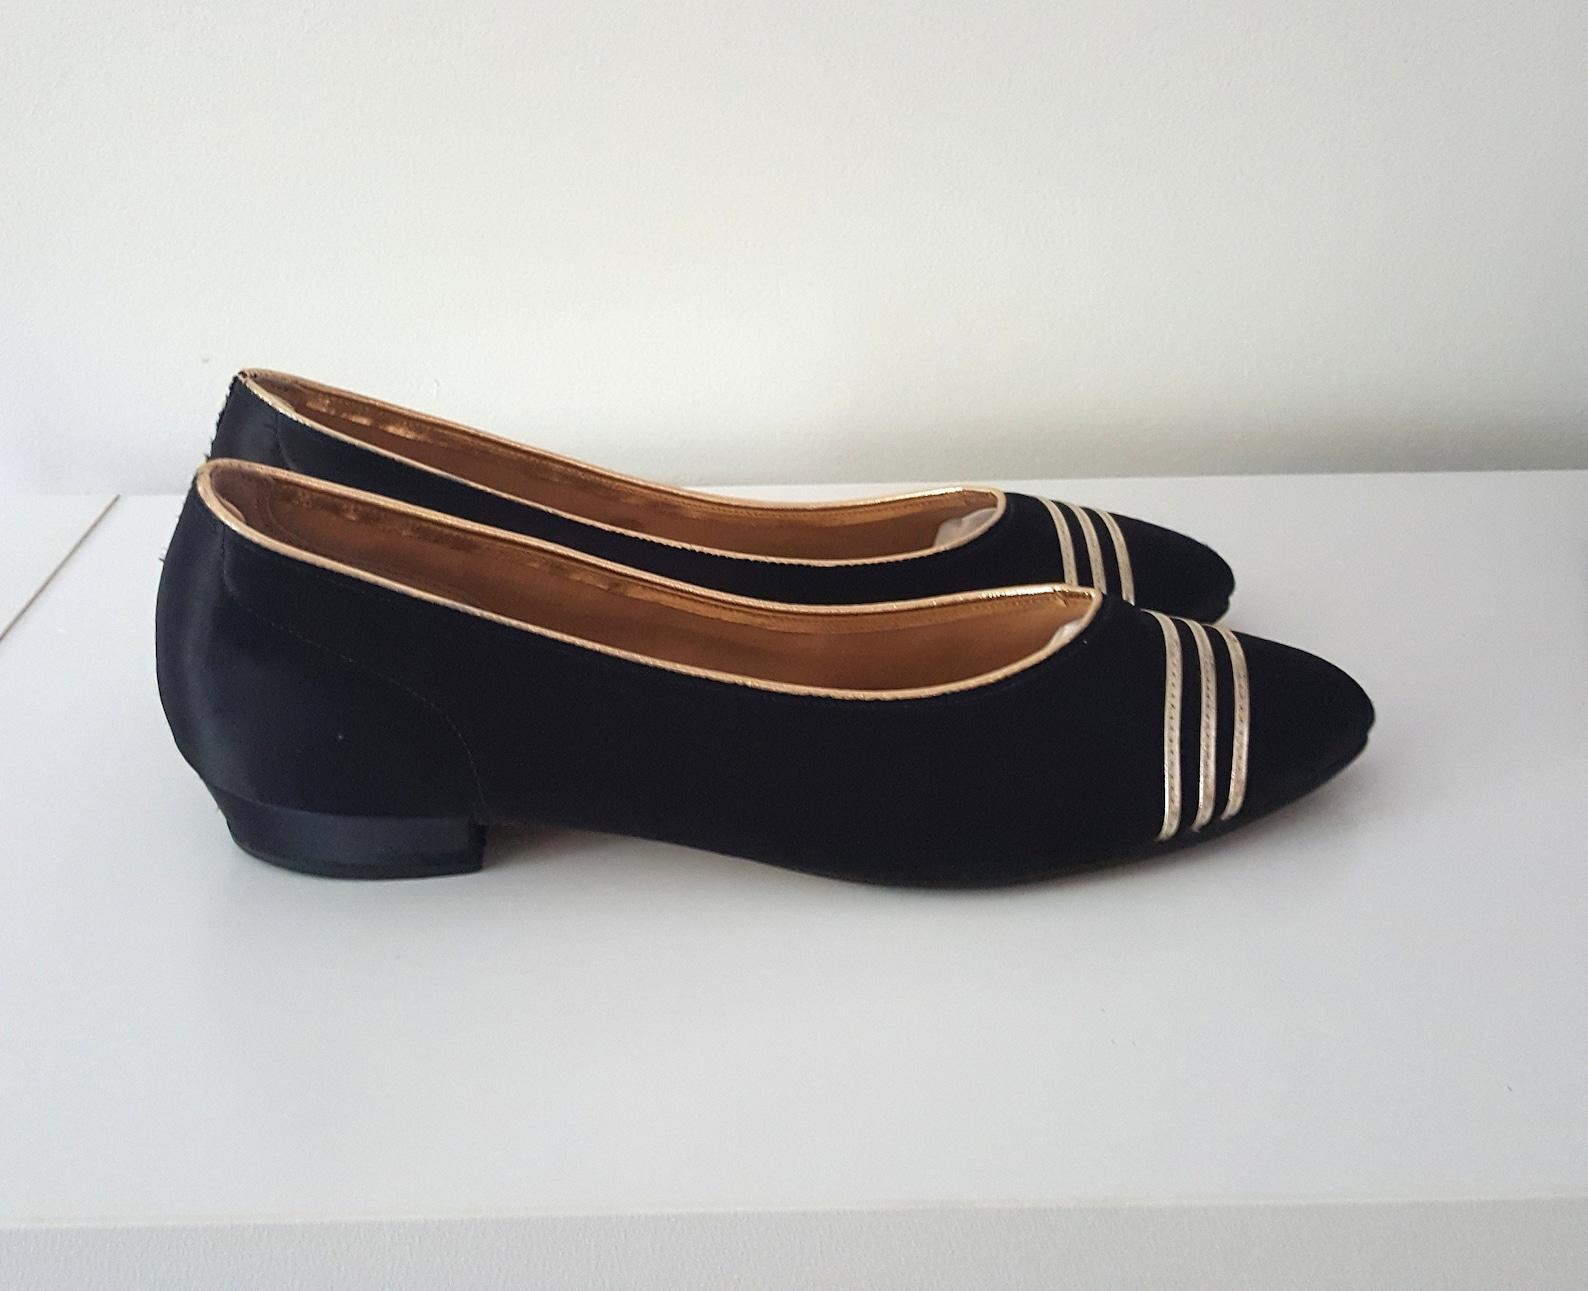 sale vintage 1980s i. magnin black and gold satin ballet flats, 80s vintage flats size 7 b